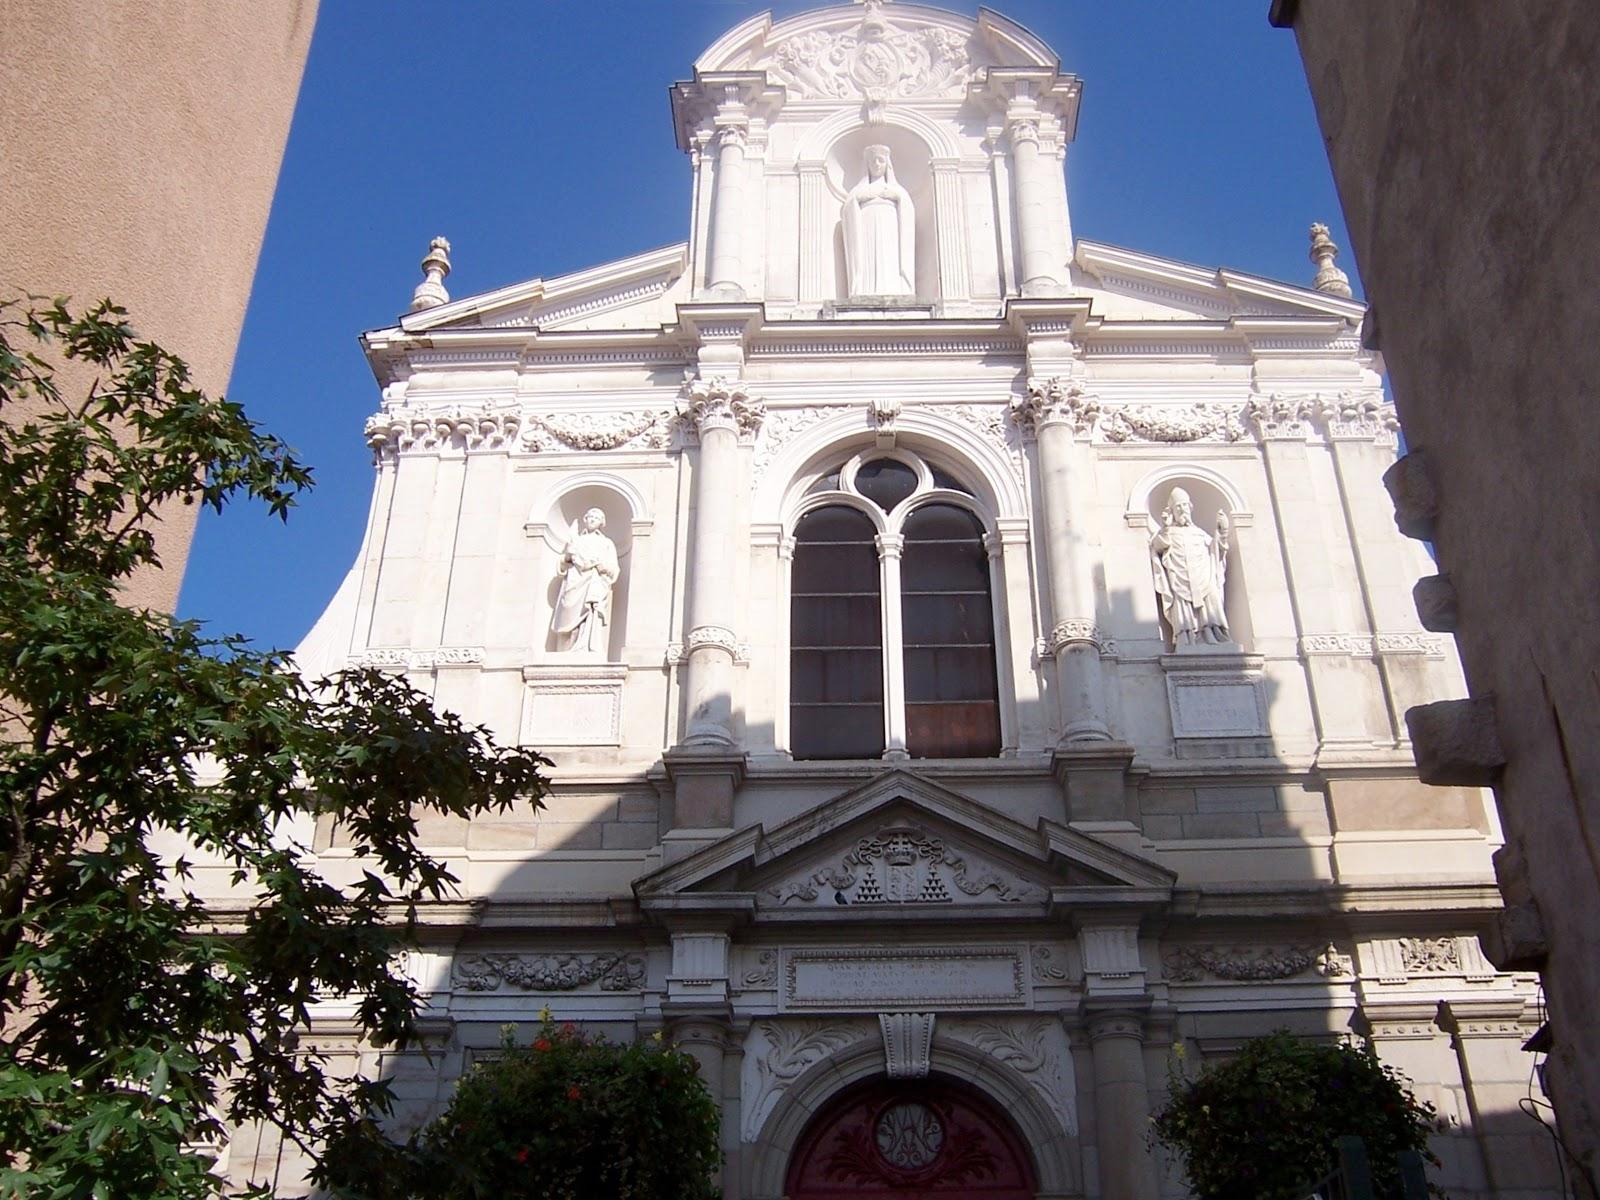 Rencontre Coquine A Paris Et Rencontre Coquine Sur Angers, Levens